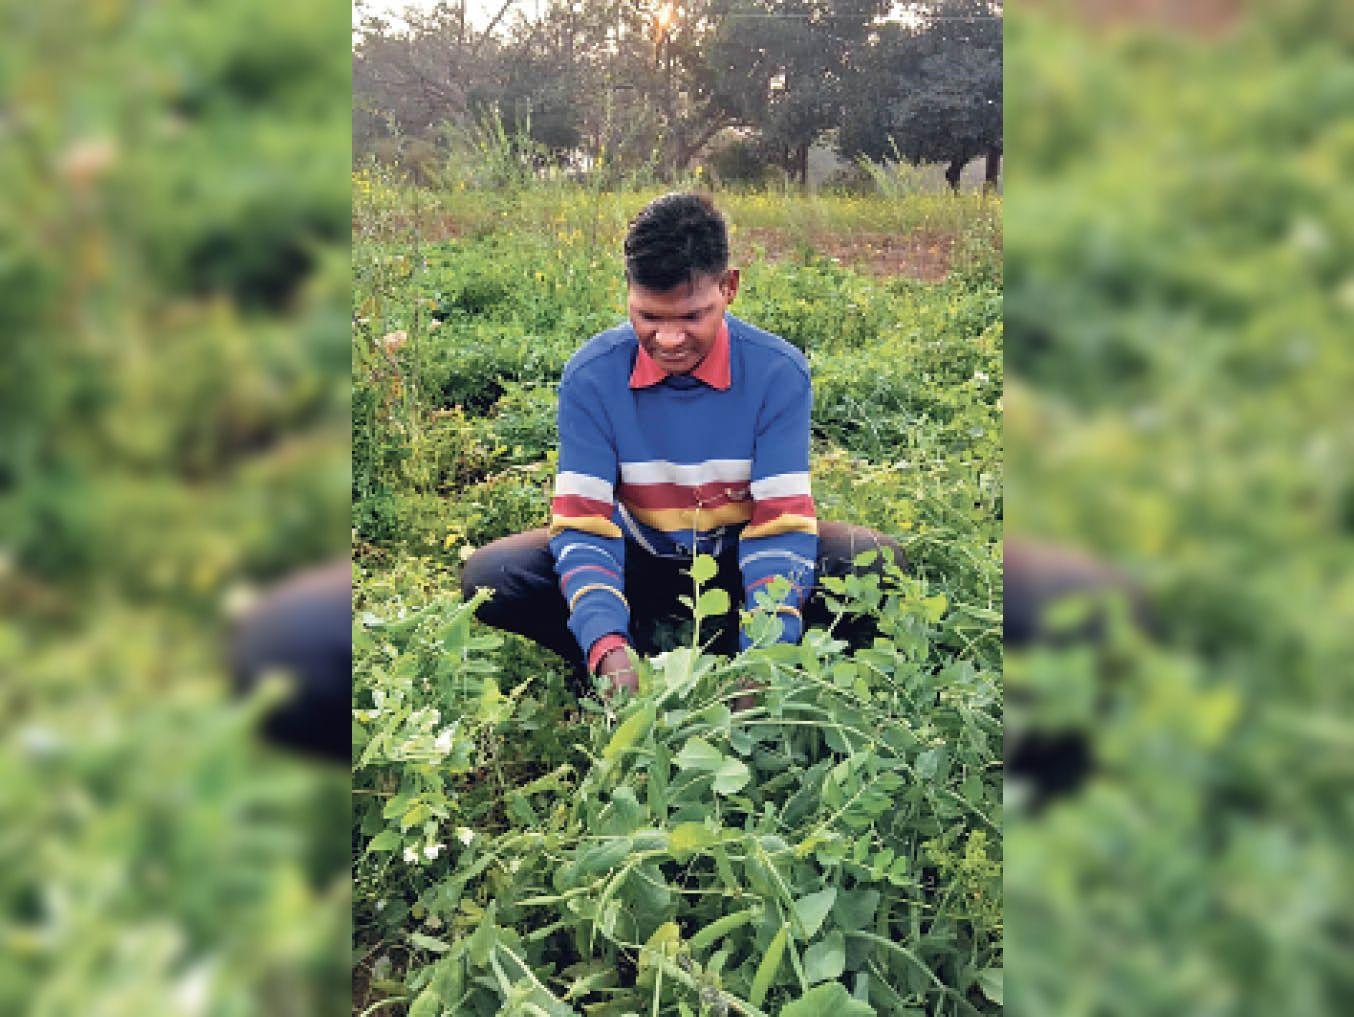 टोटाम्बी में अपने खेत में फ्रेंचबिन तोड़ता सूरज उरांव